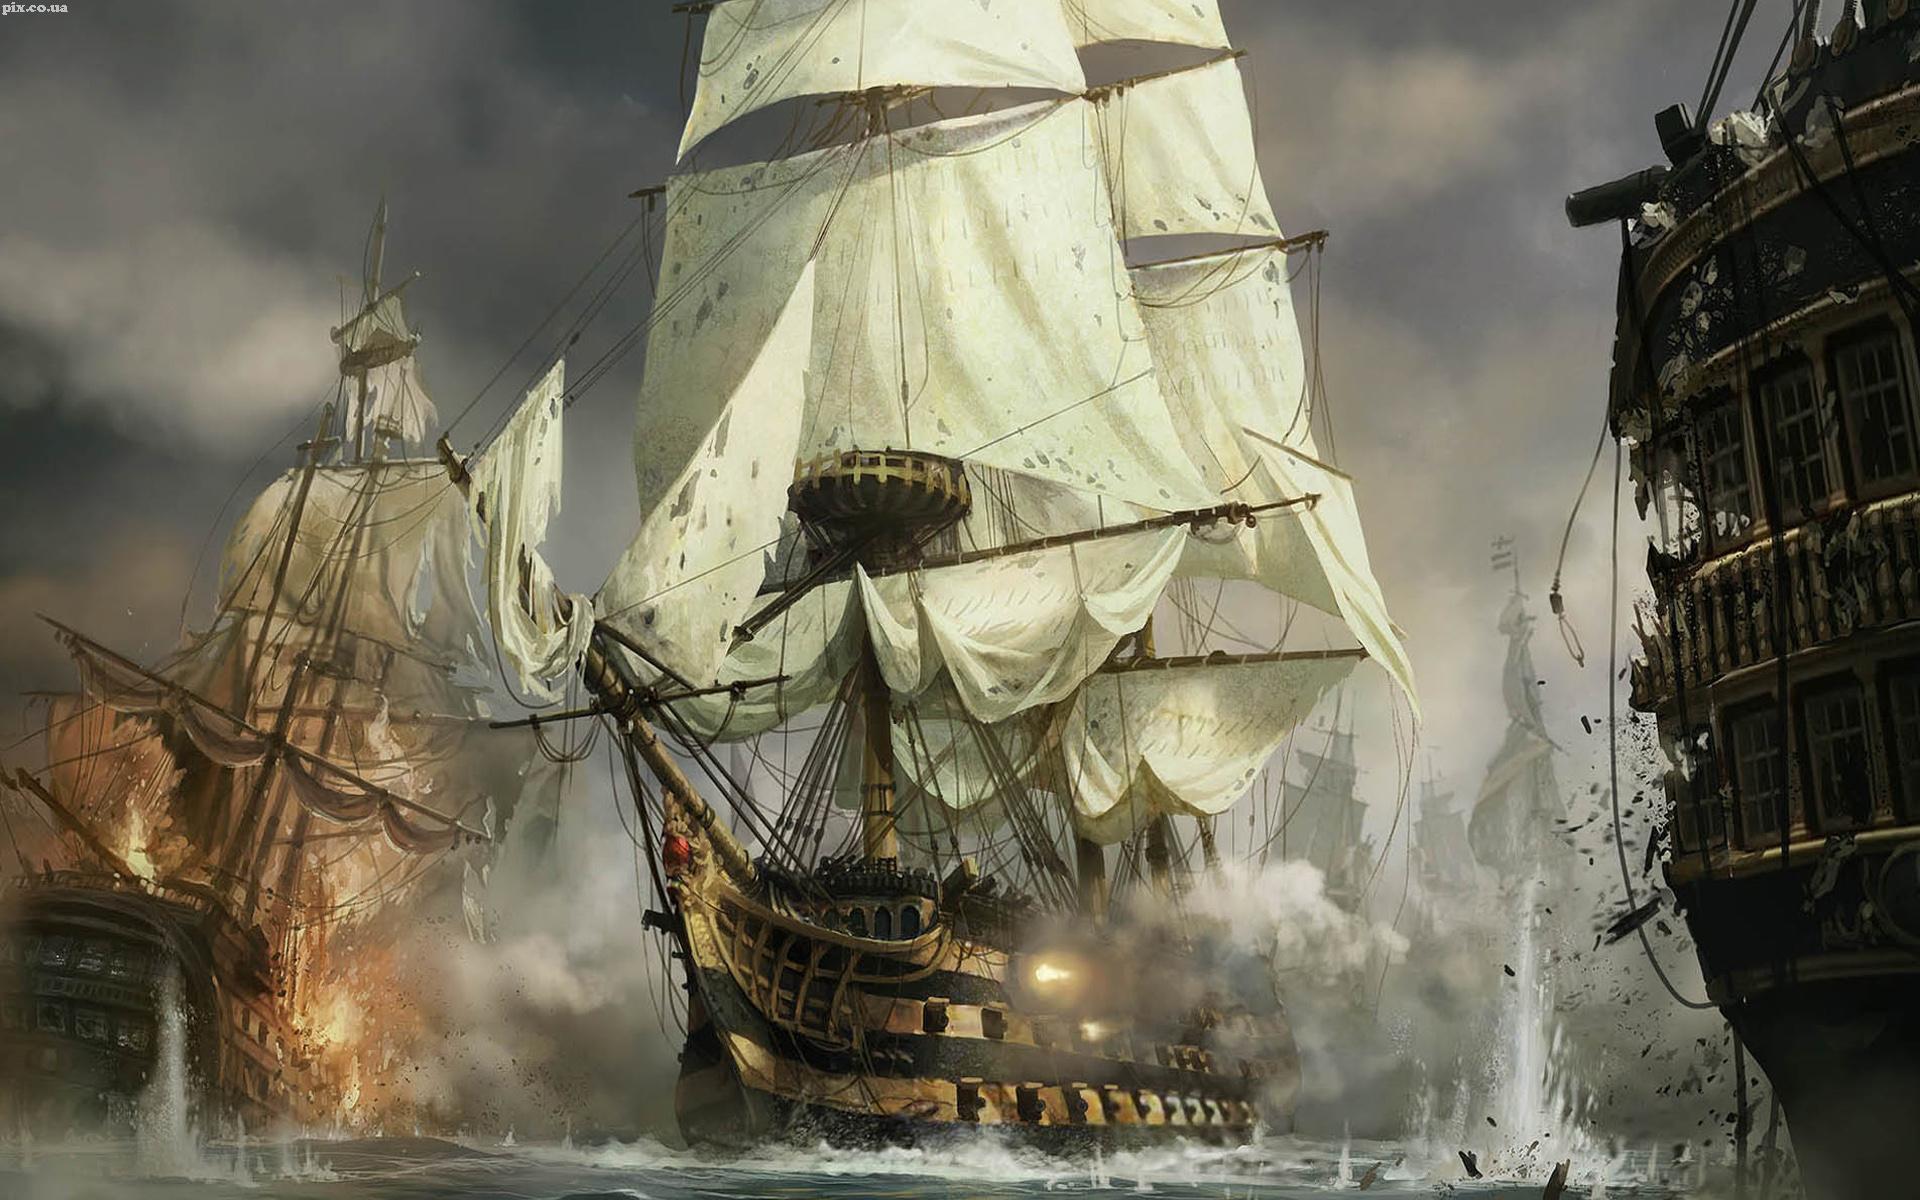 HDoboi.Kiev.ua - Морской бой кораблей, скачать обои пиратские корабли